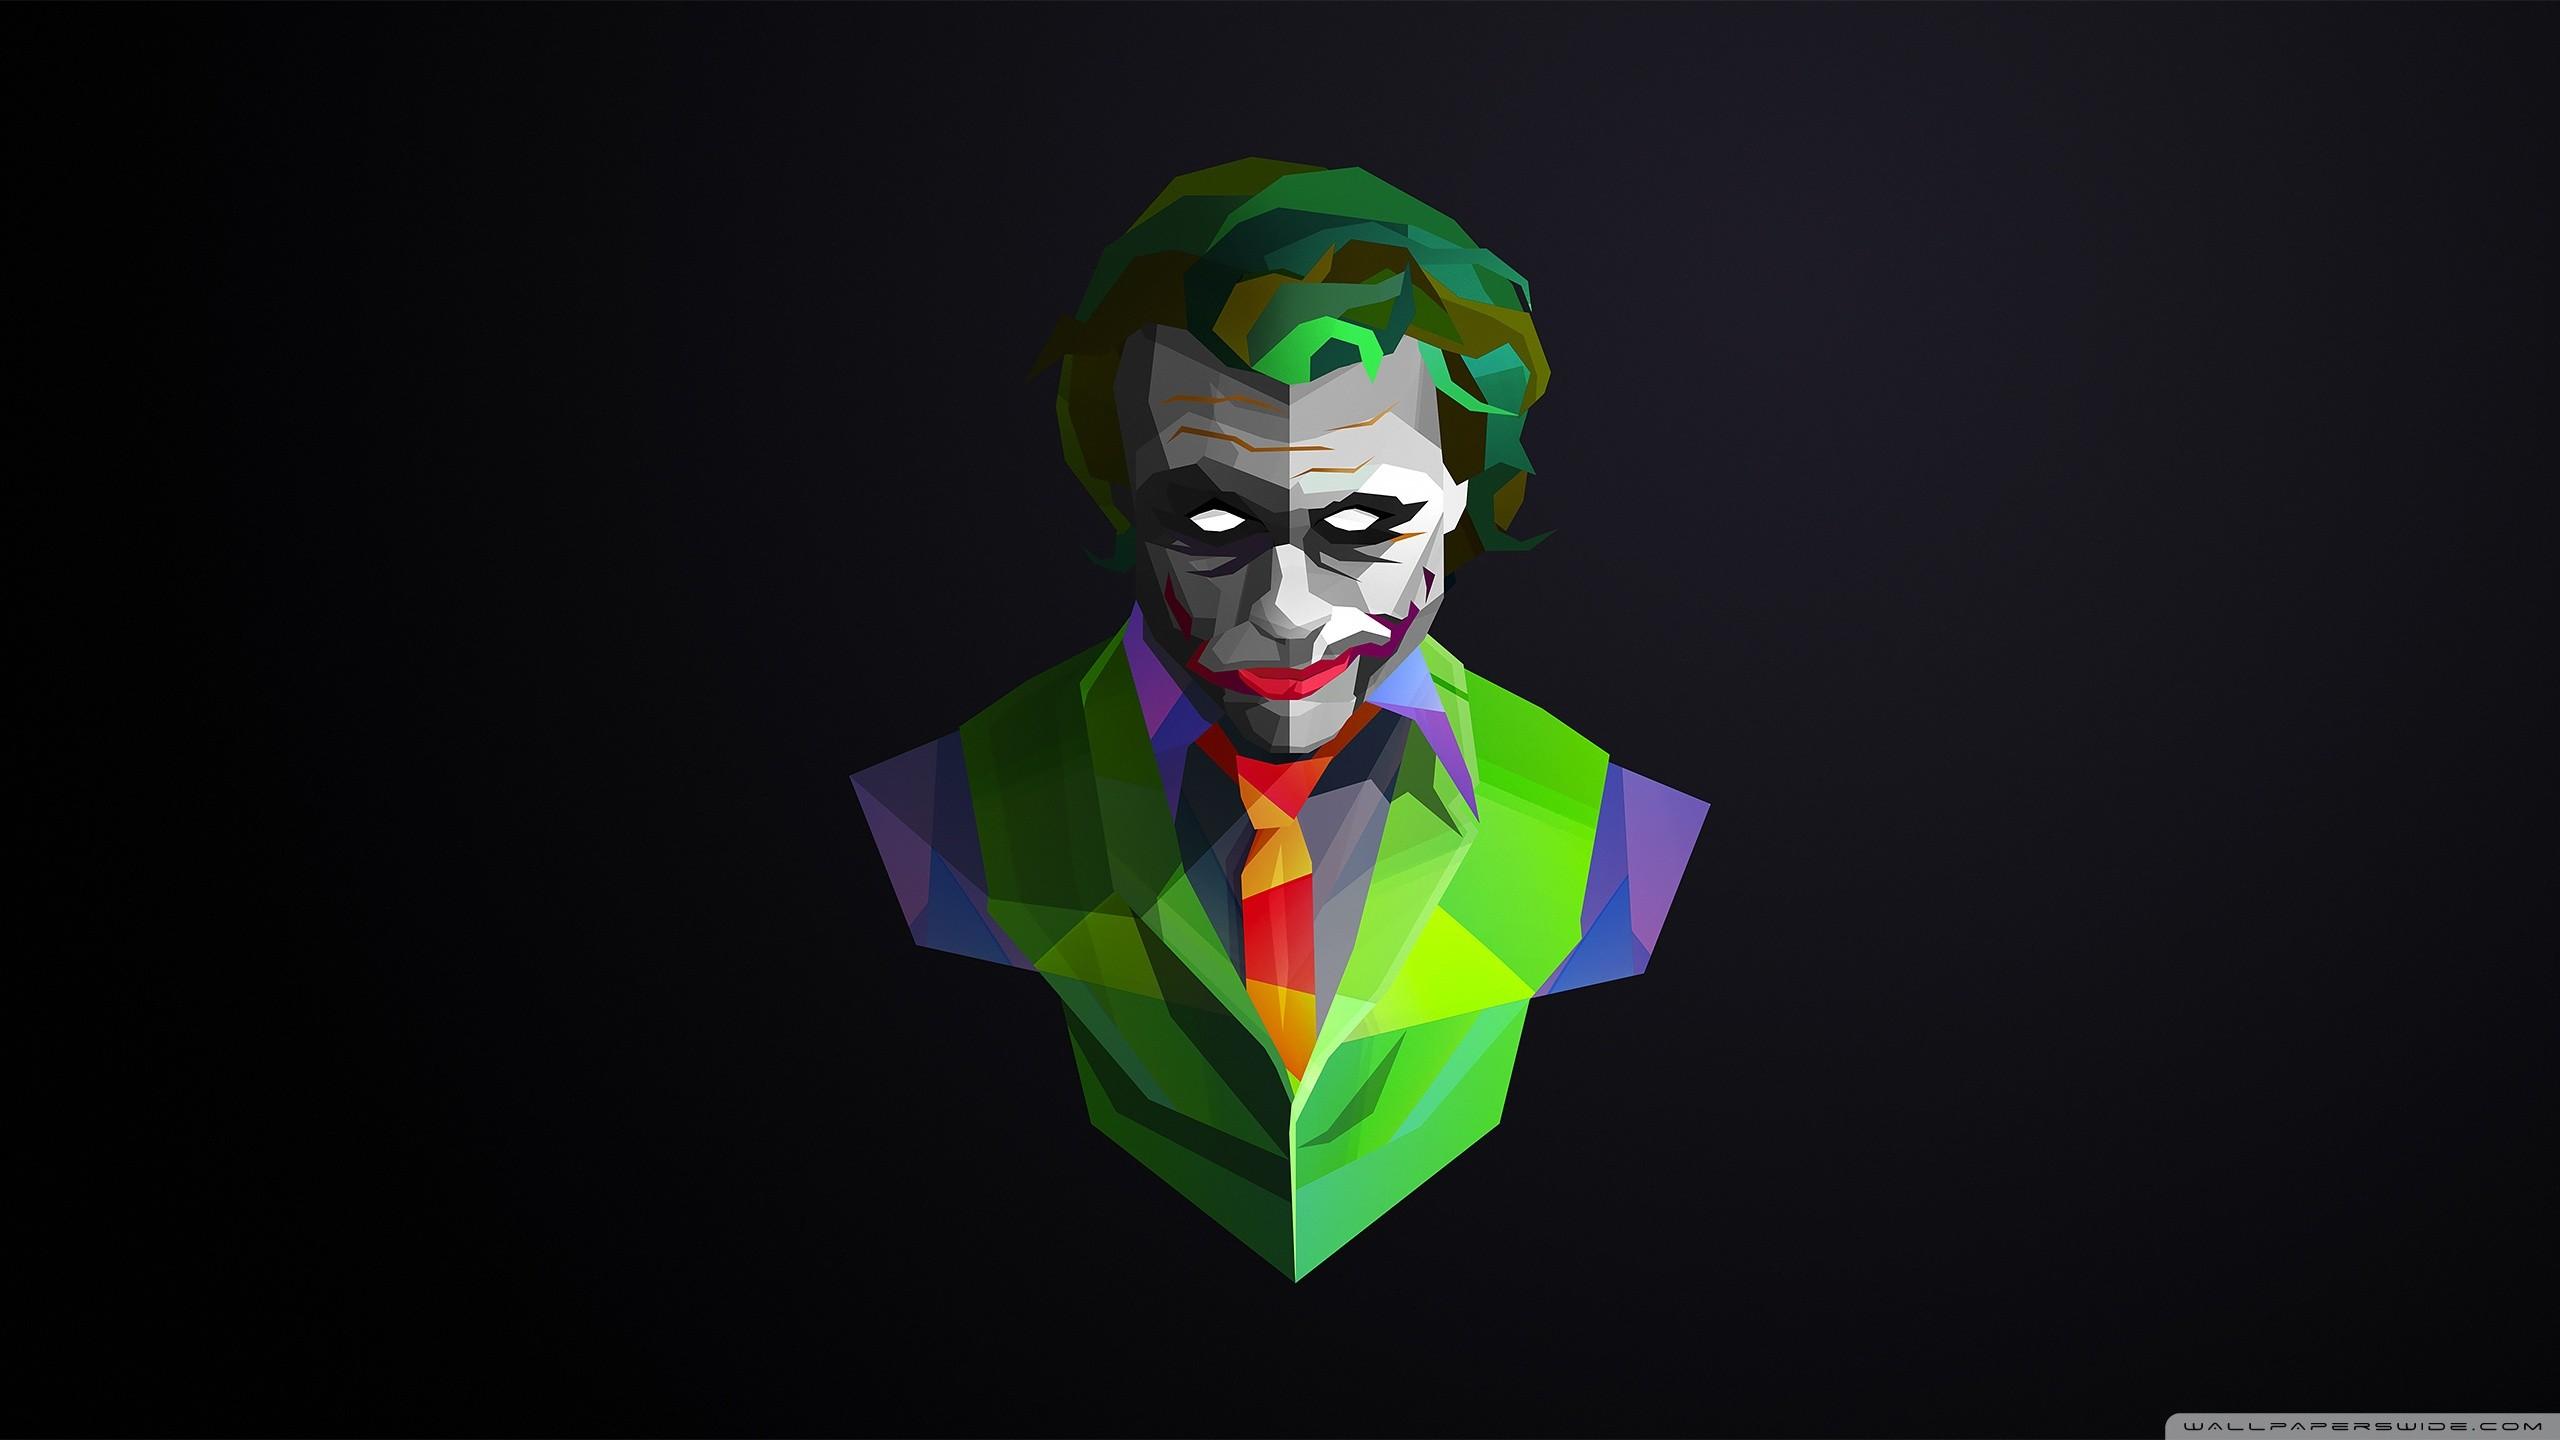 Joker HD Wide Wallpaper for Widescreen